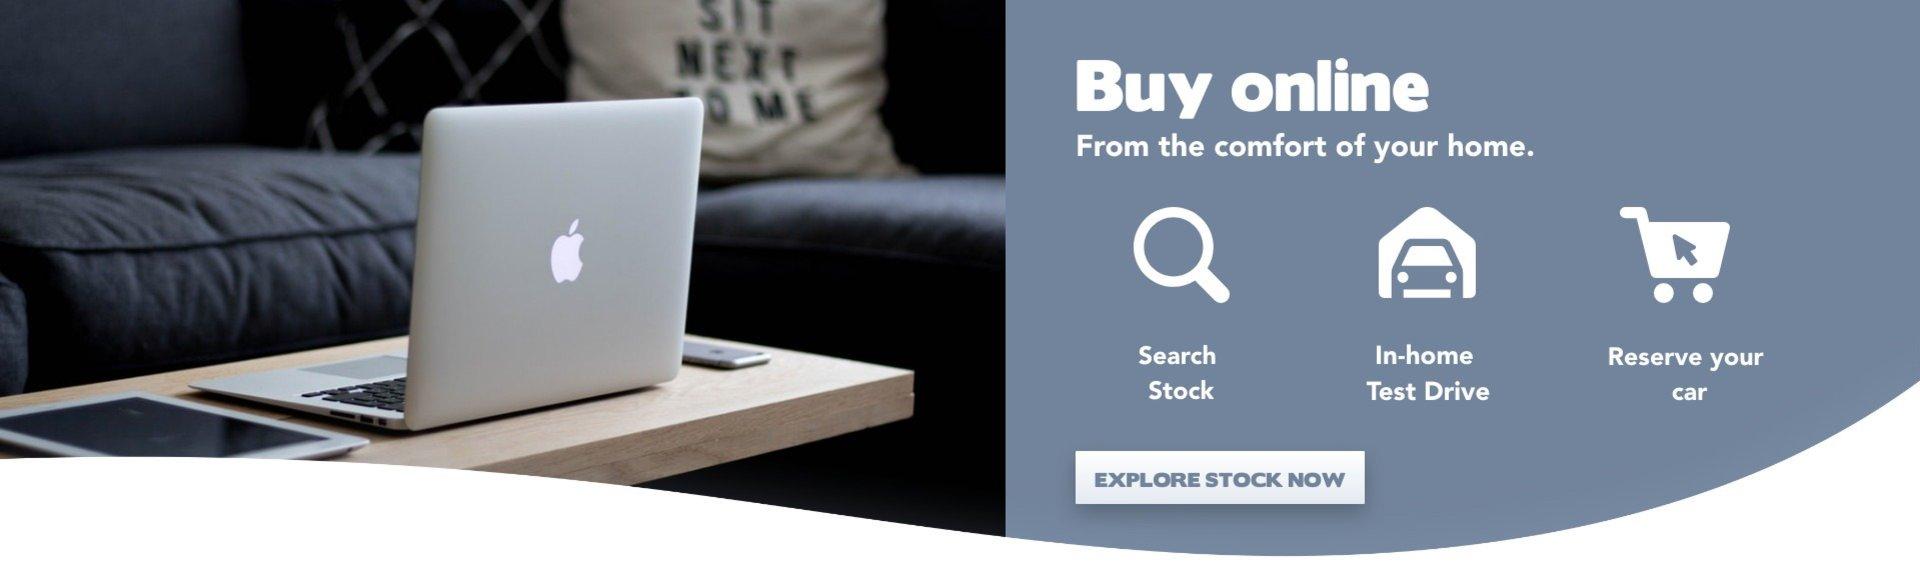 BUY-ONLINE-WEB-BANNER